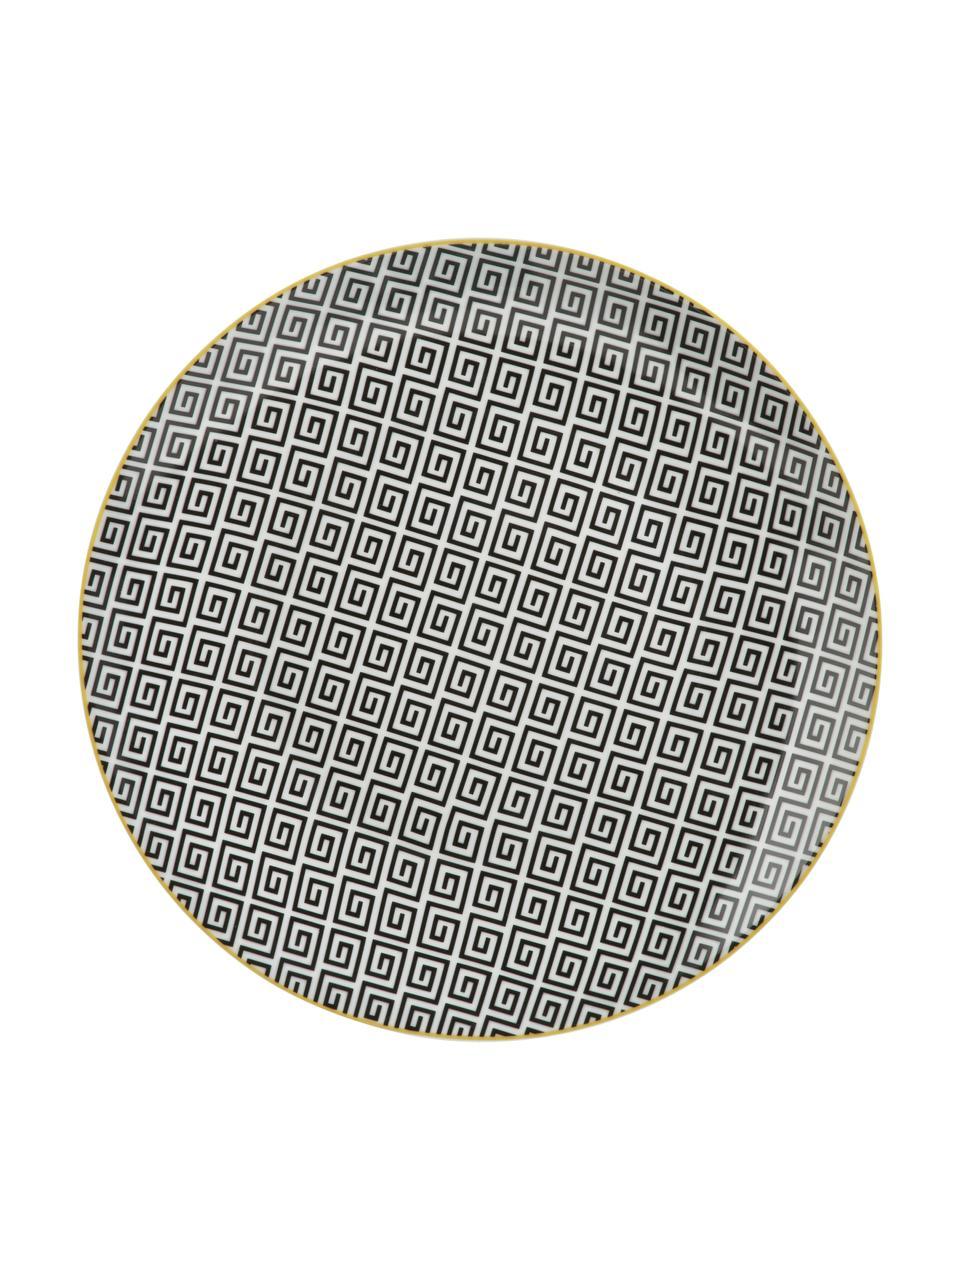 Bordenset Urban Jungle, 18-delig, Groentinten, wit, zwart, goudkleurig, Set met verschillende formaten